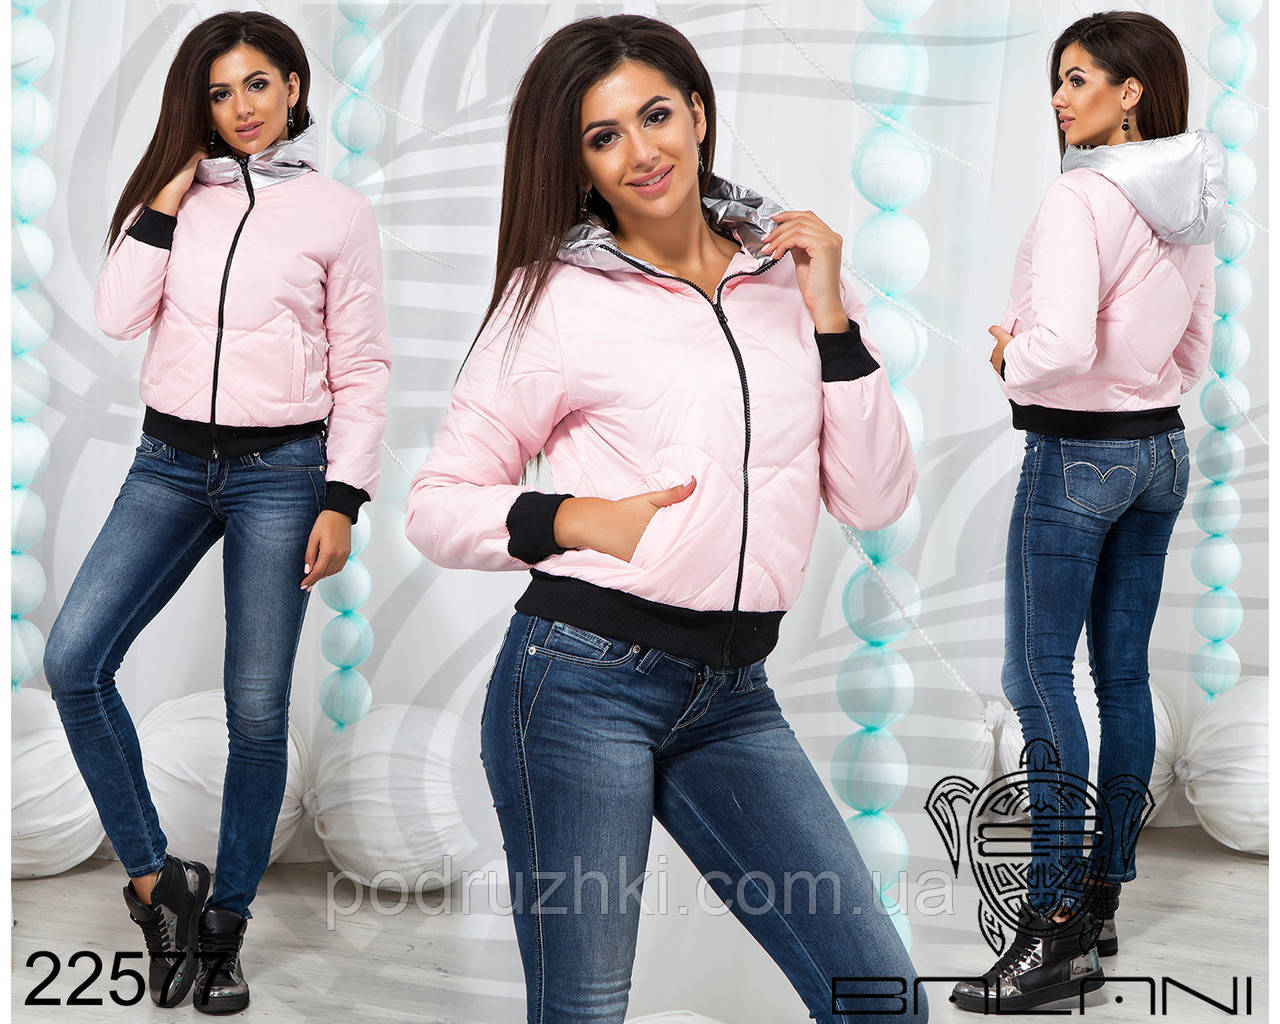 6607f4051a9 ... фото Короткая куртка женская с капюшоном 42